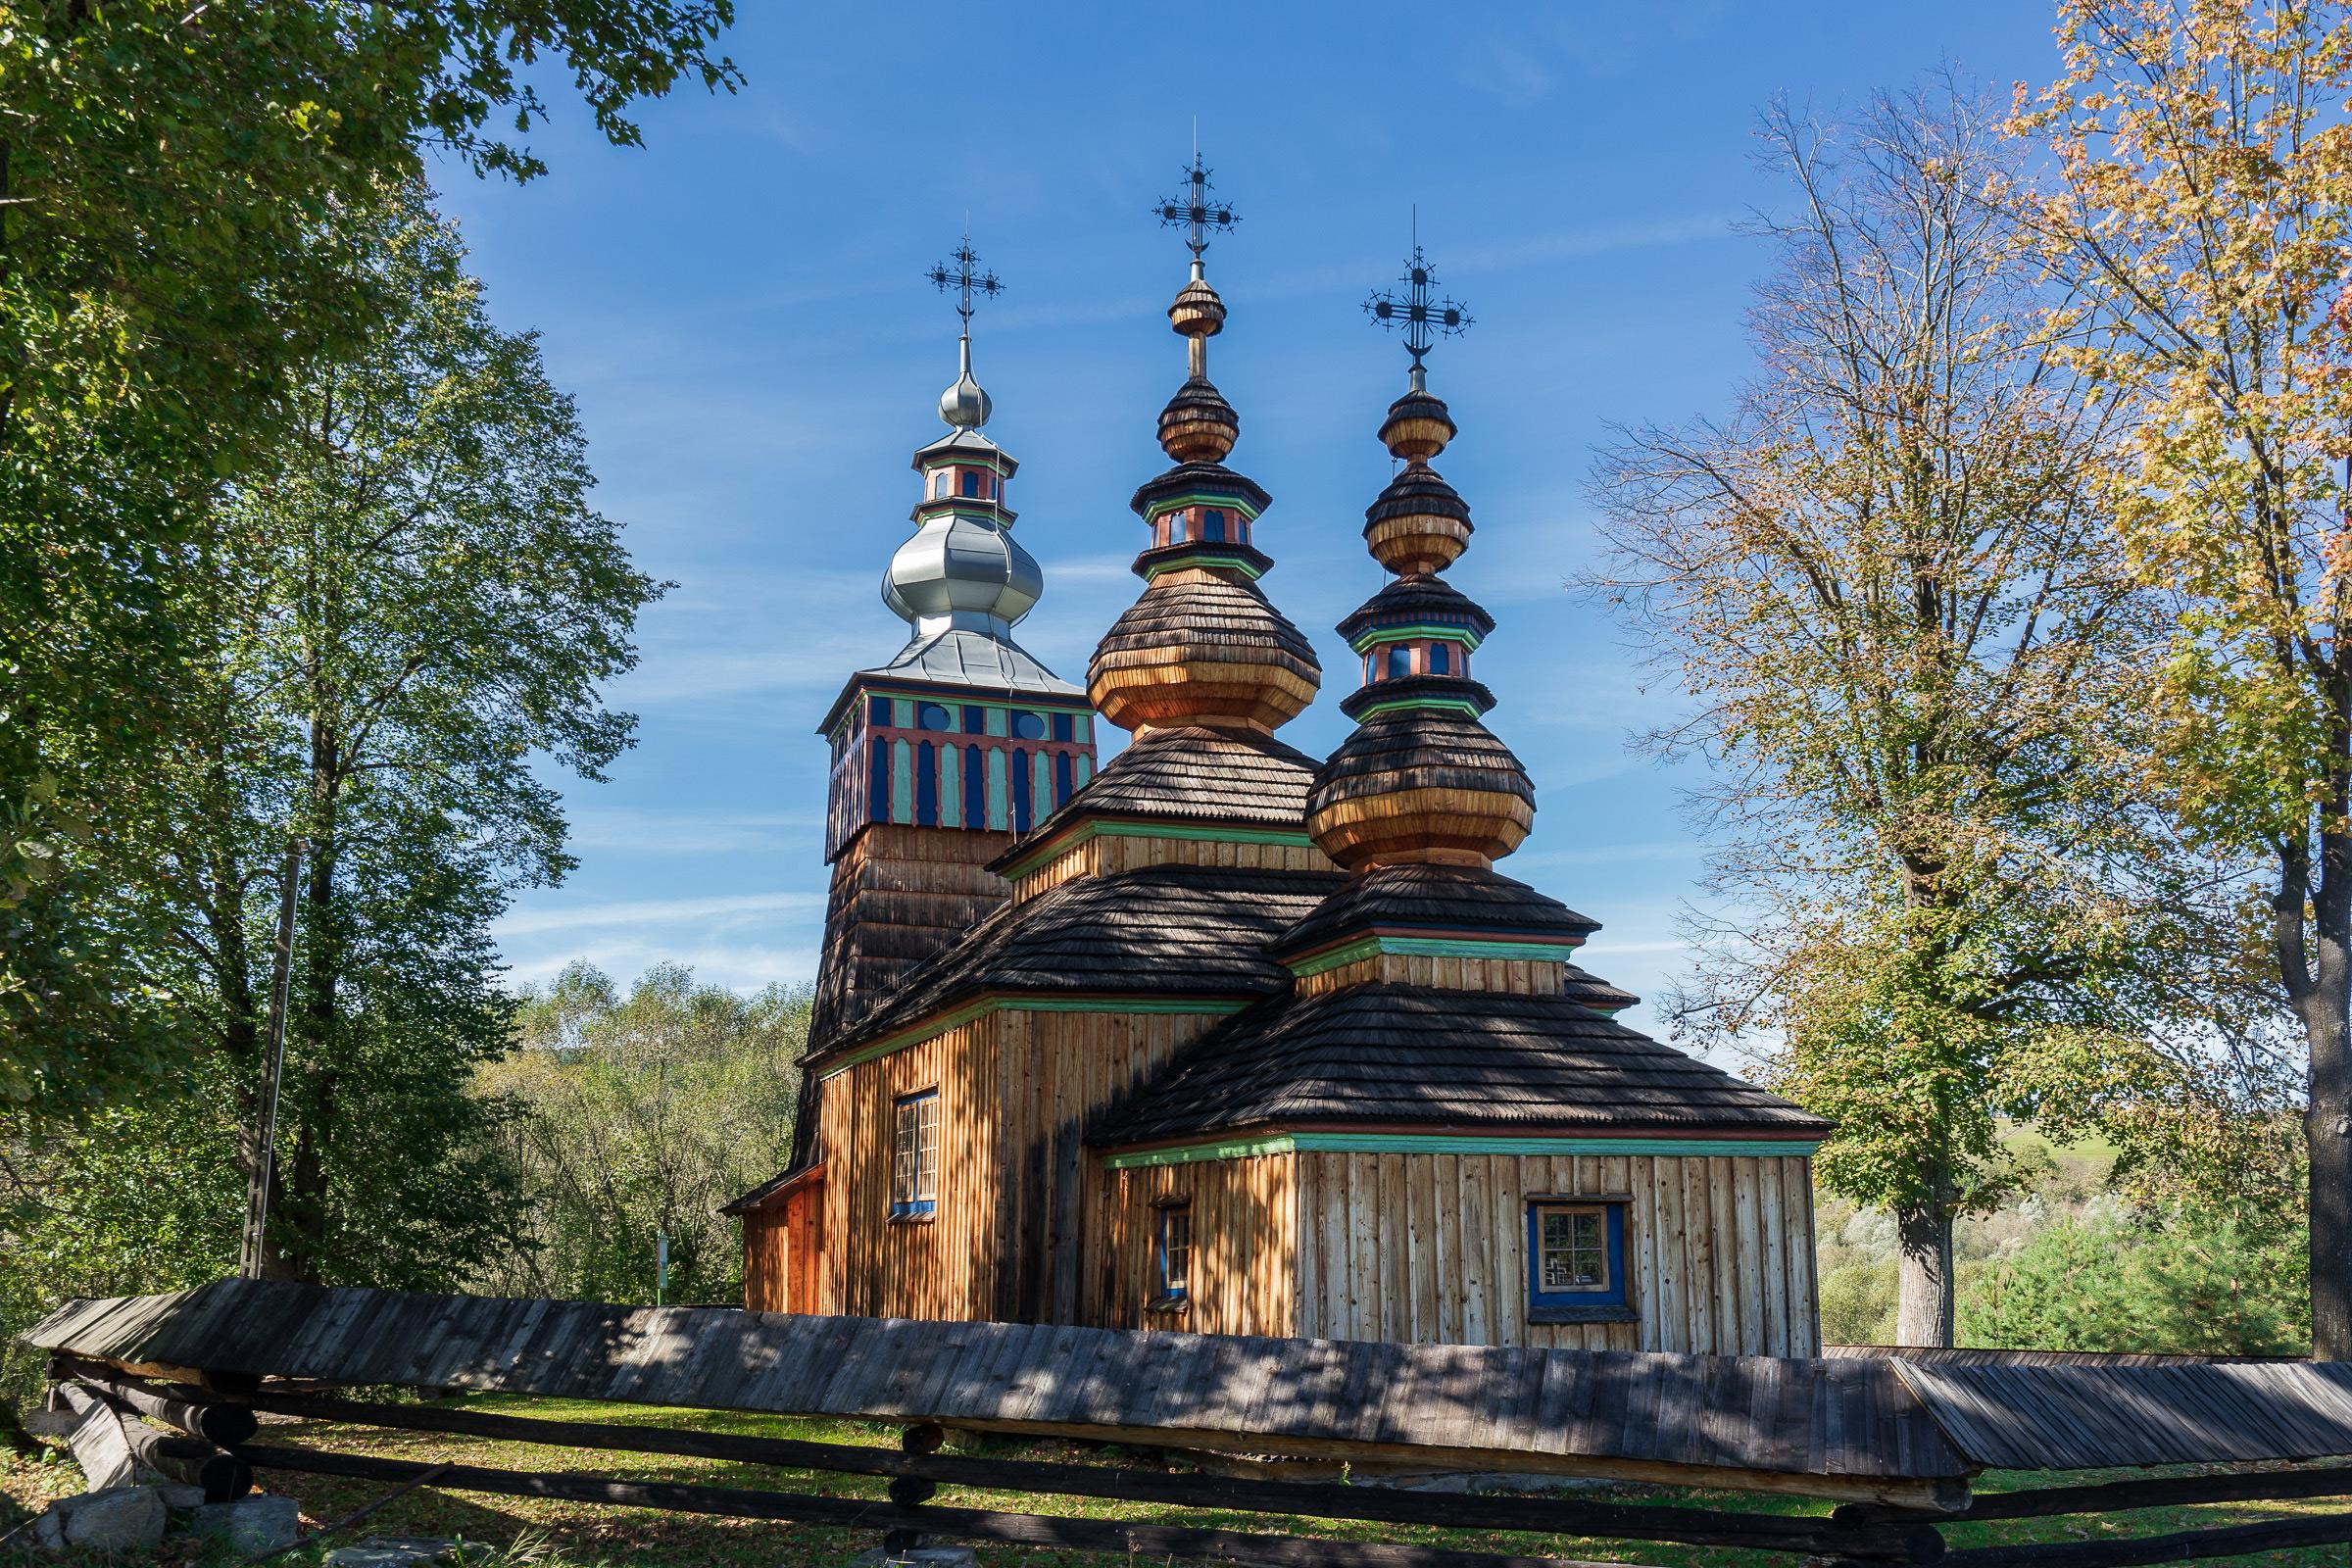 Cerkiew w Światkowej Małej w Beskidzie Niskim. fot. Krzysztof Zajączkowski